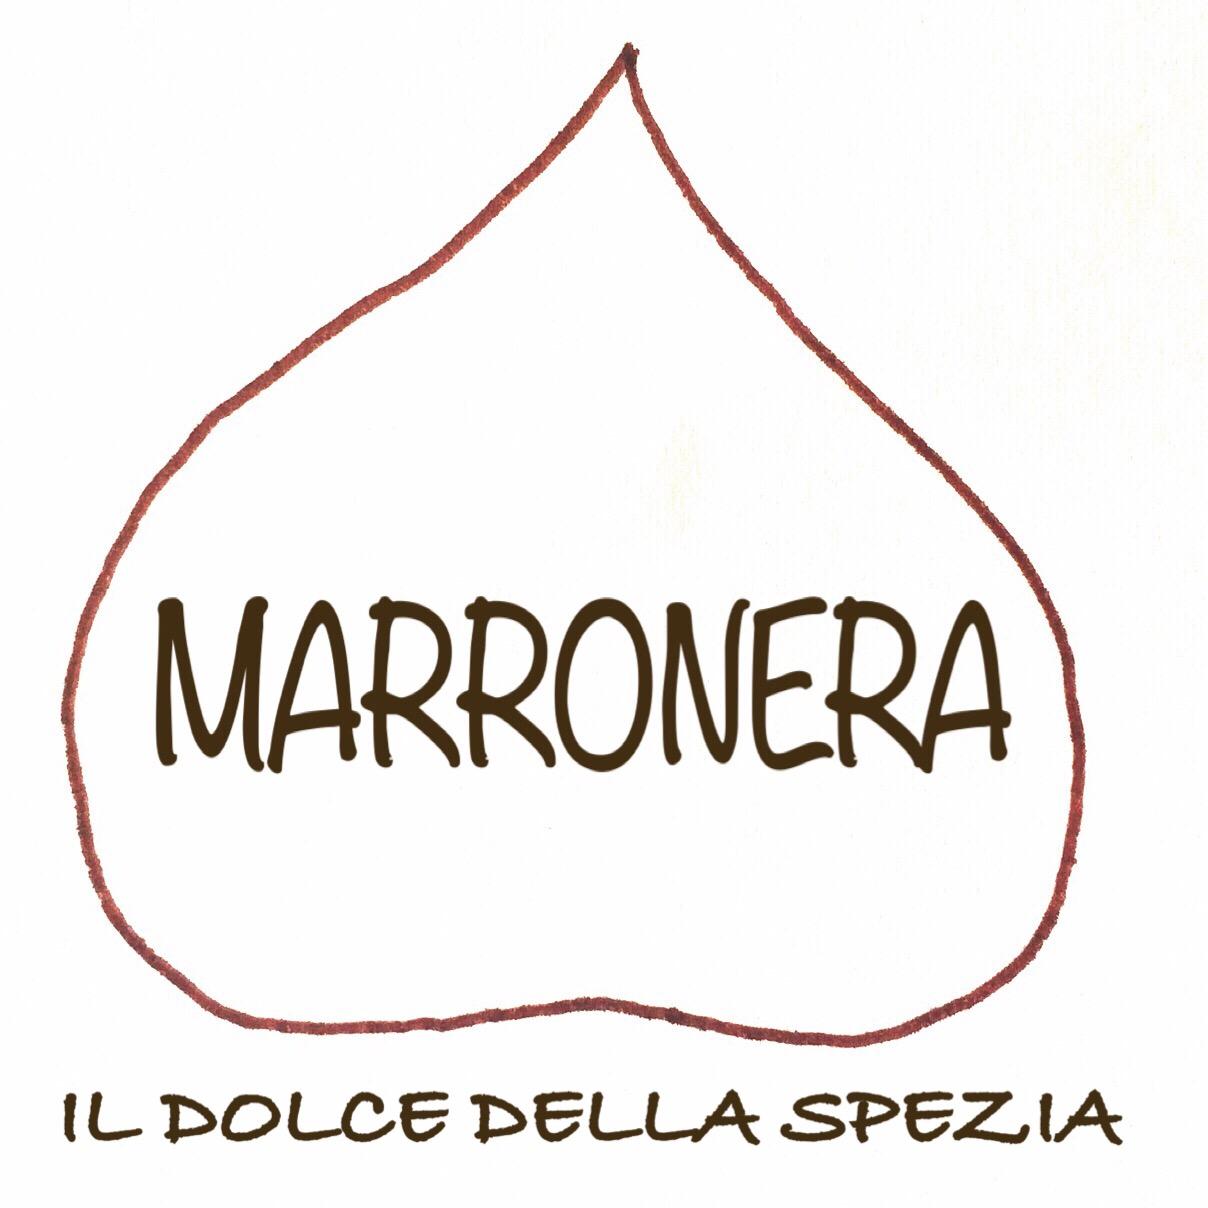 MARRONERA